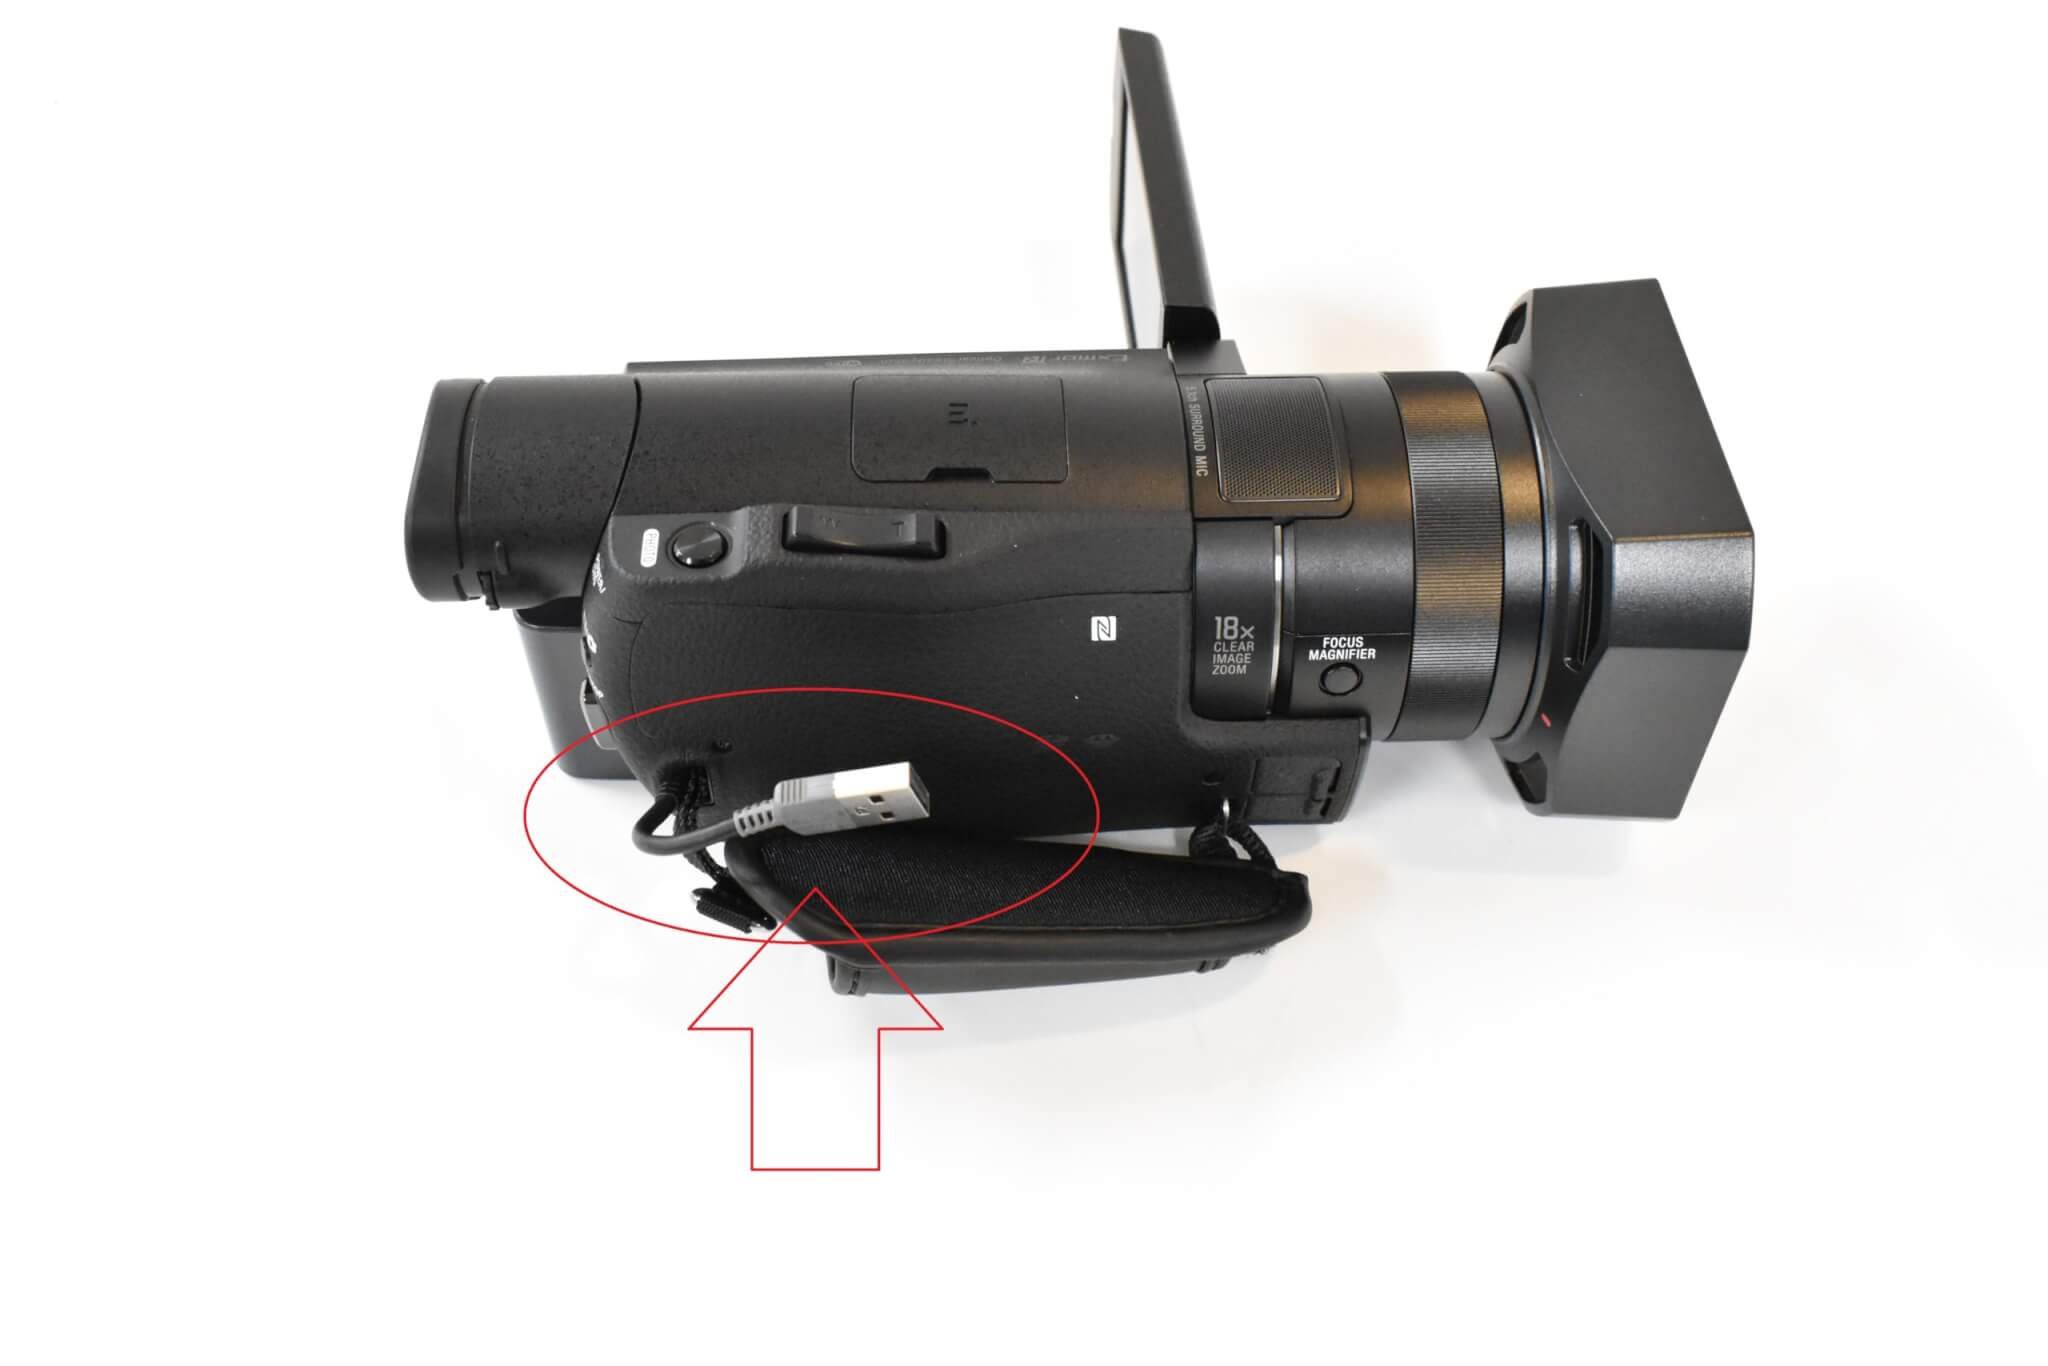 SONYハンディカム 最新全7機種を写真付きで紹介 FDR-AX100